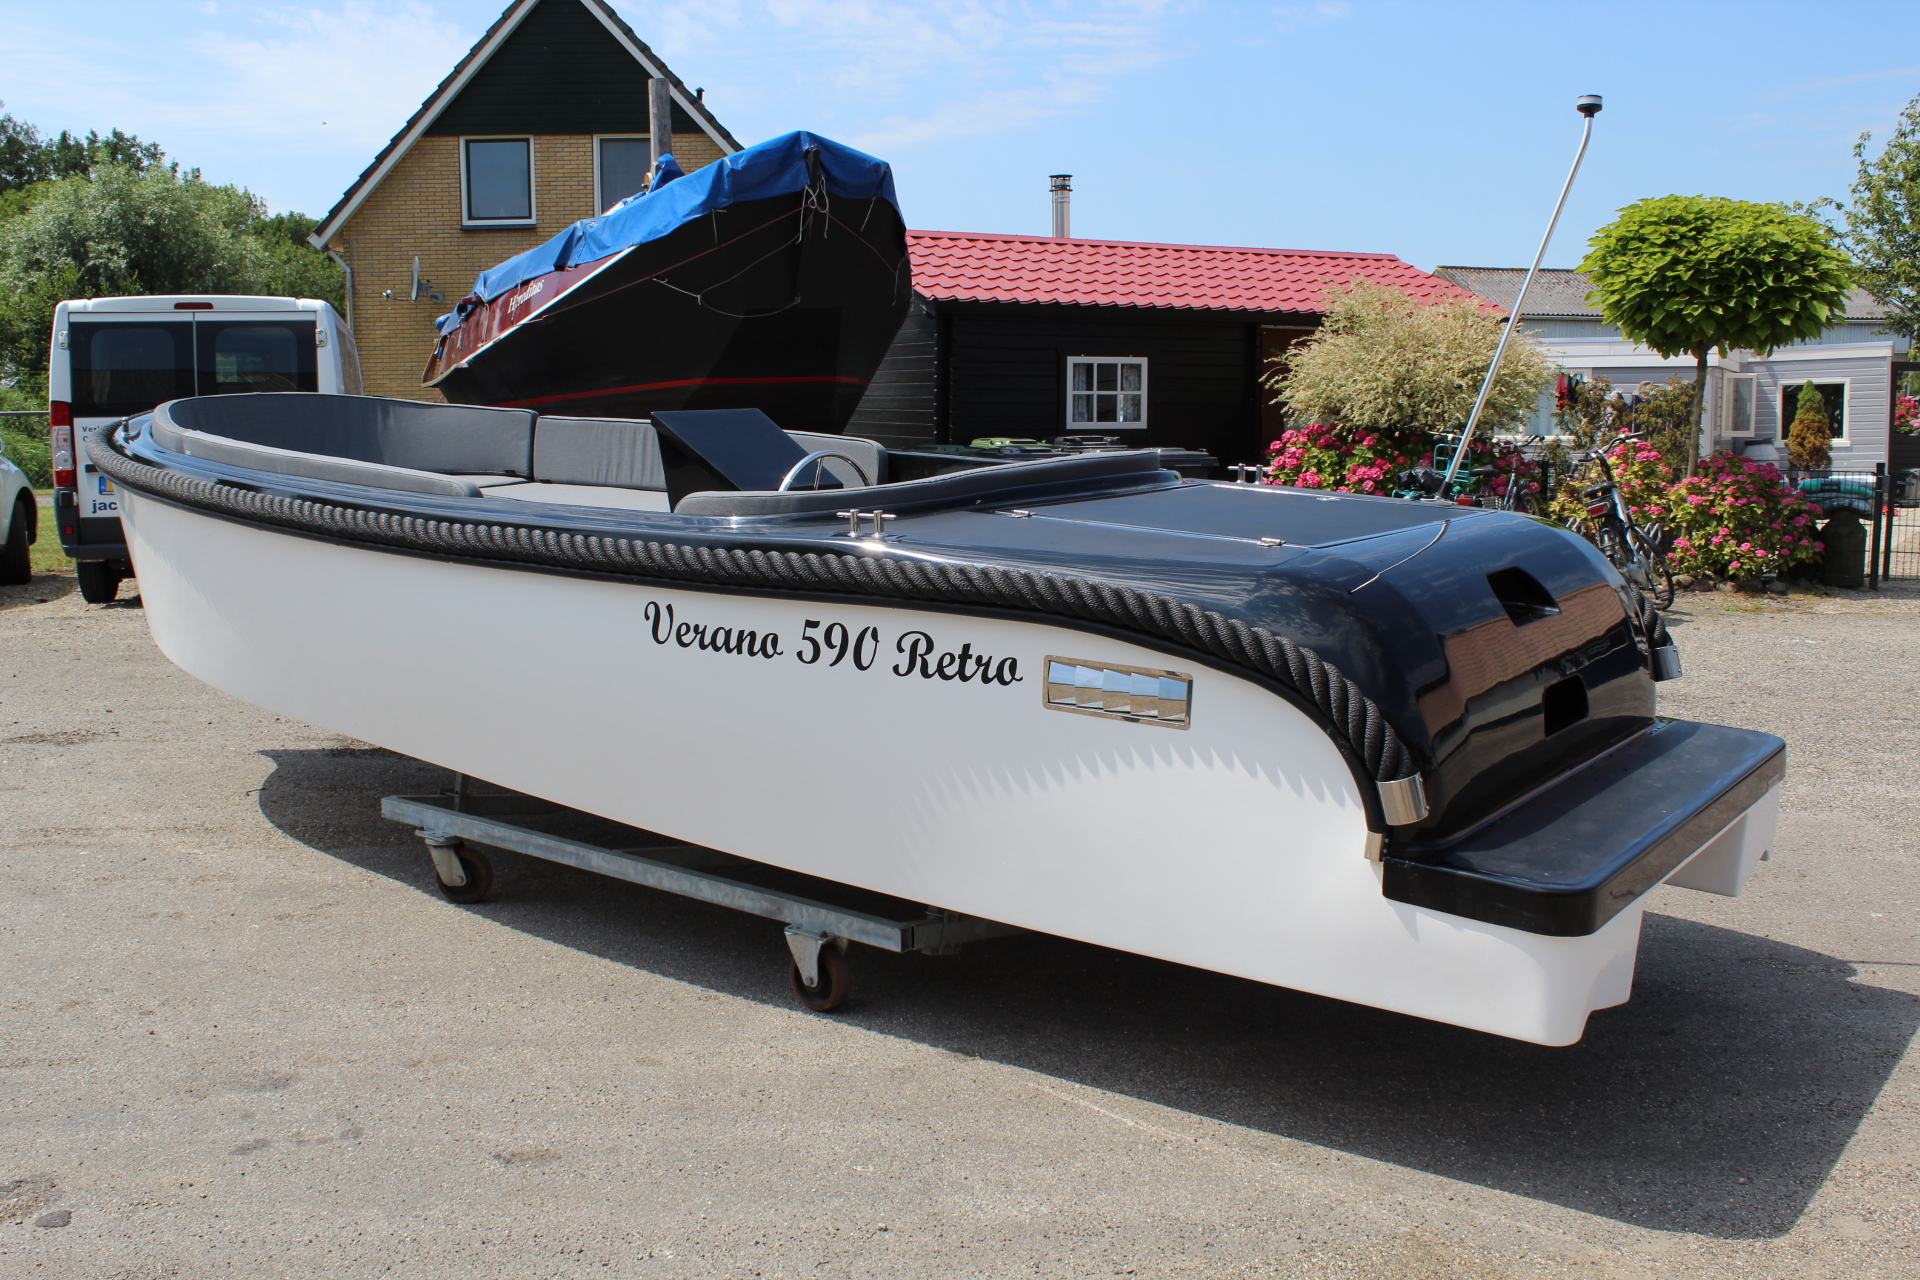 Verano 590 T